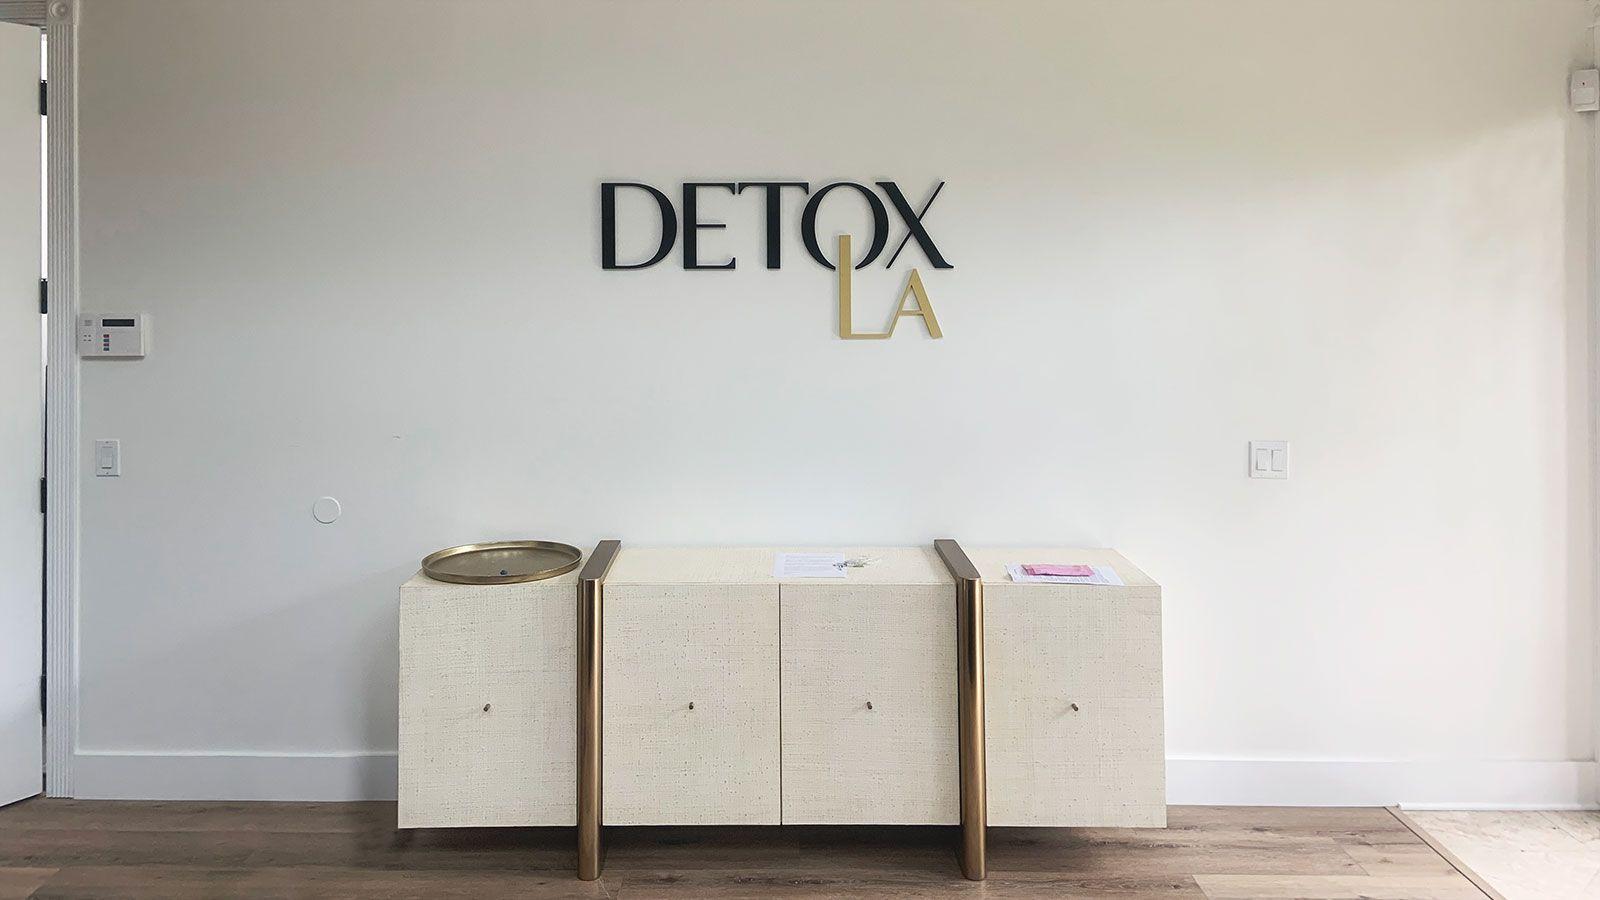 Detox LA 3D letters